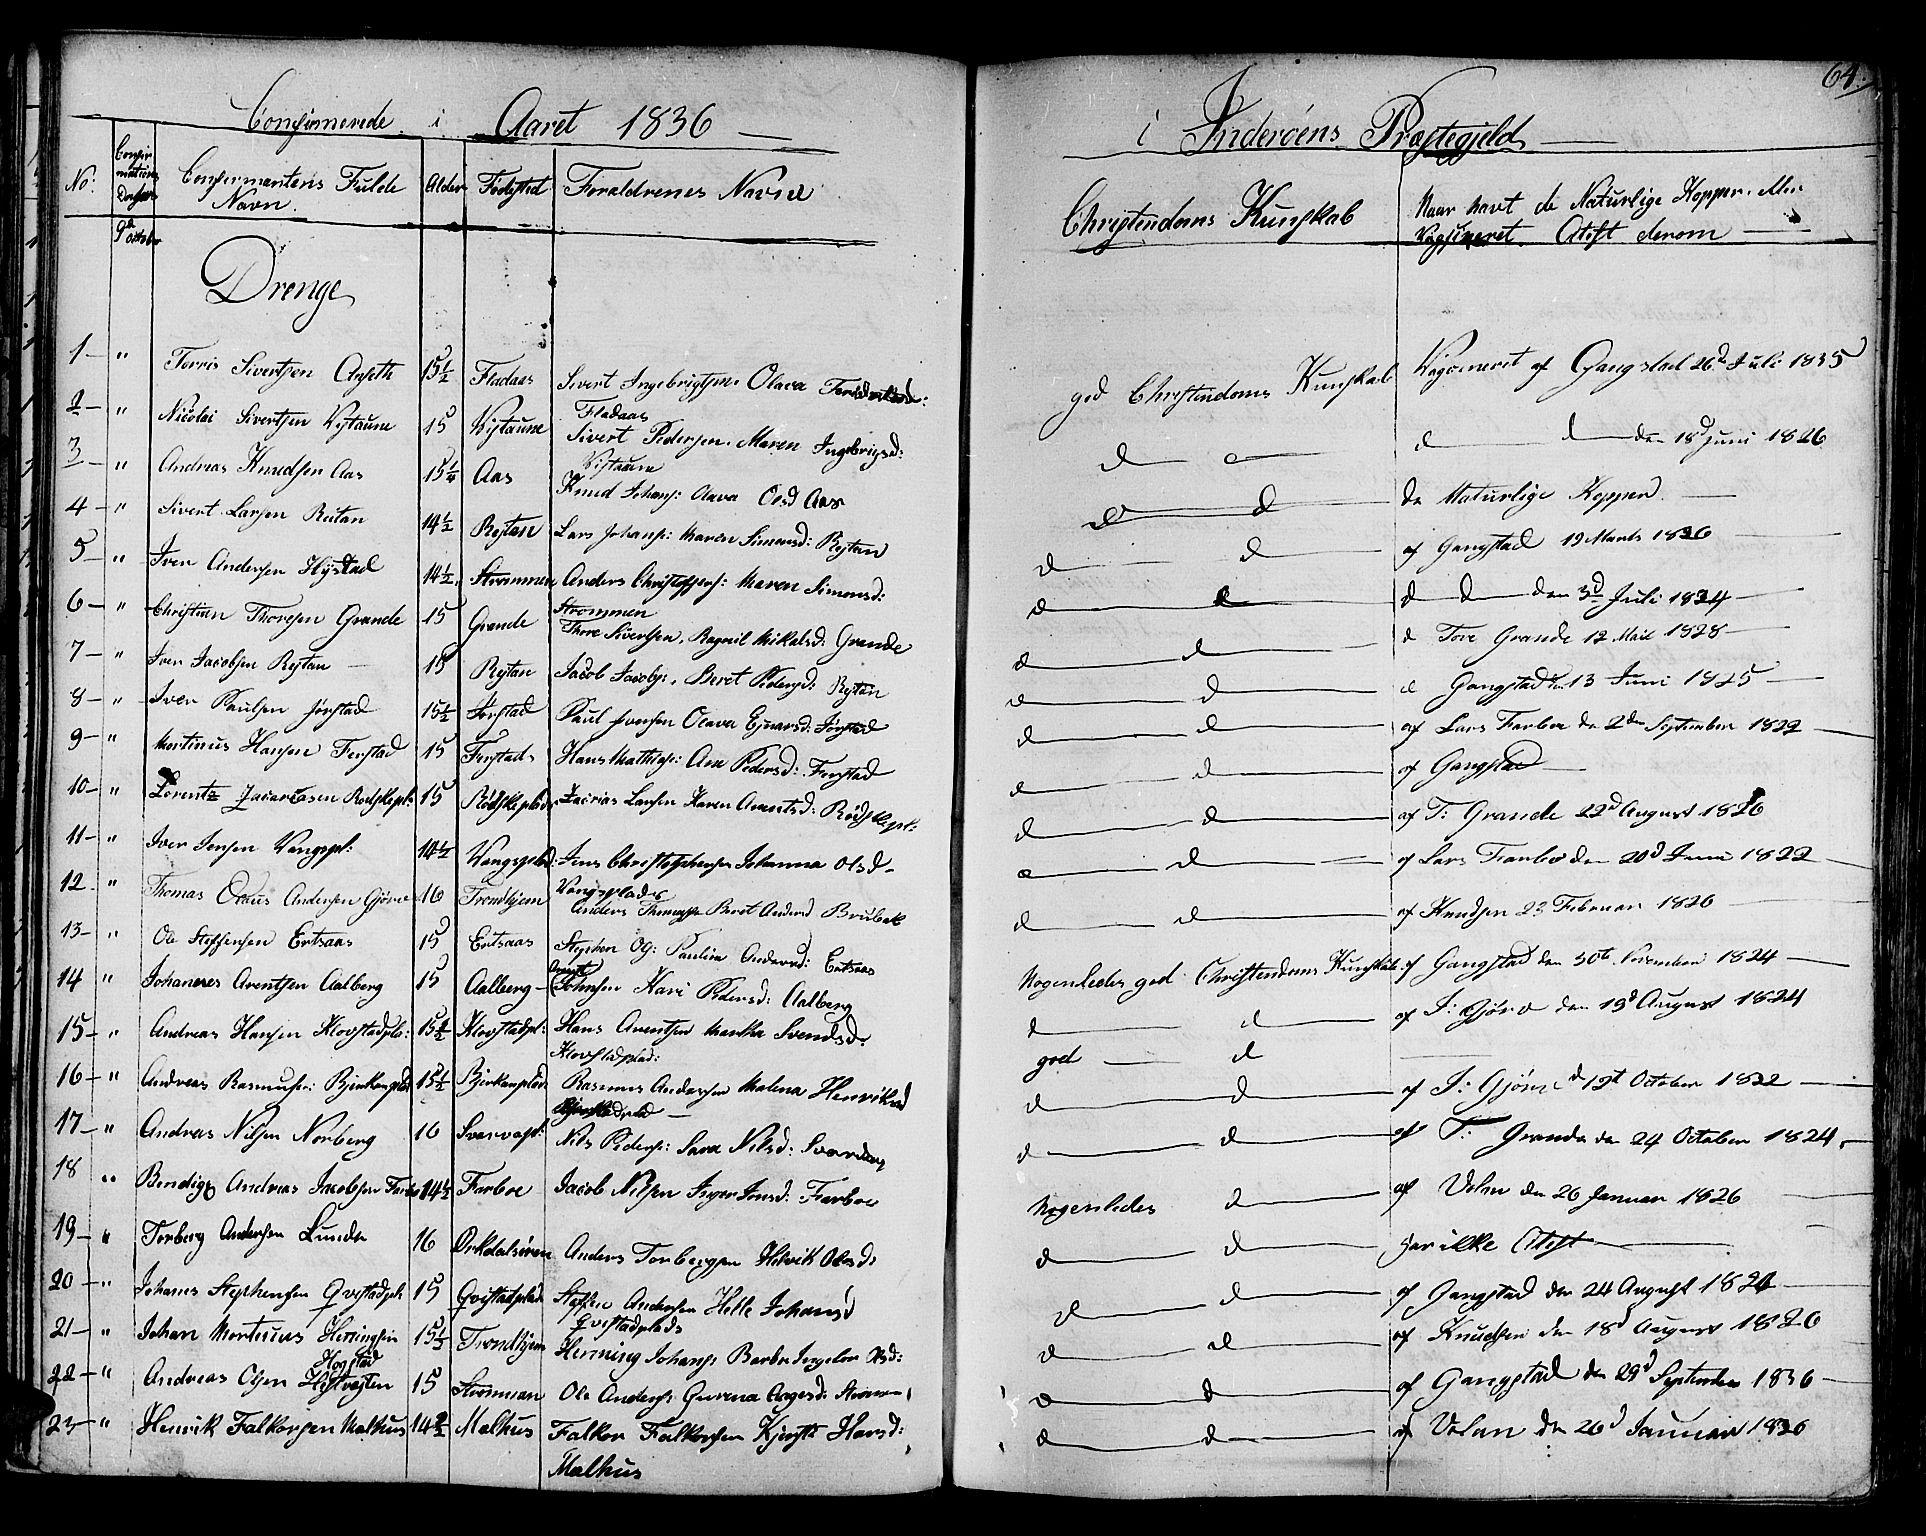 SAT, Ministerialprotokoller, klokkerbøker og fødselsregistre - Nord-Trøndelag, 730/L0277: Ministerialbok nr. 730A06 /1, 1830-1839, s. 64